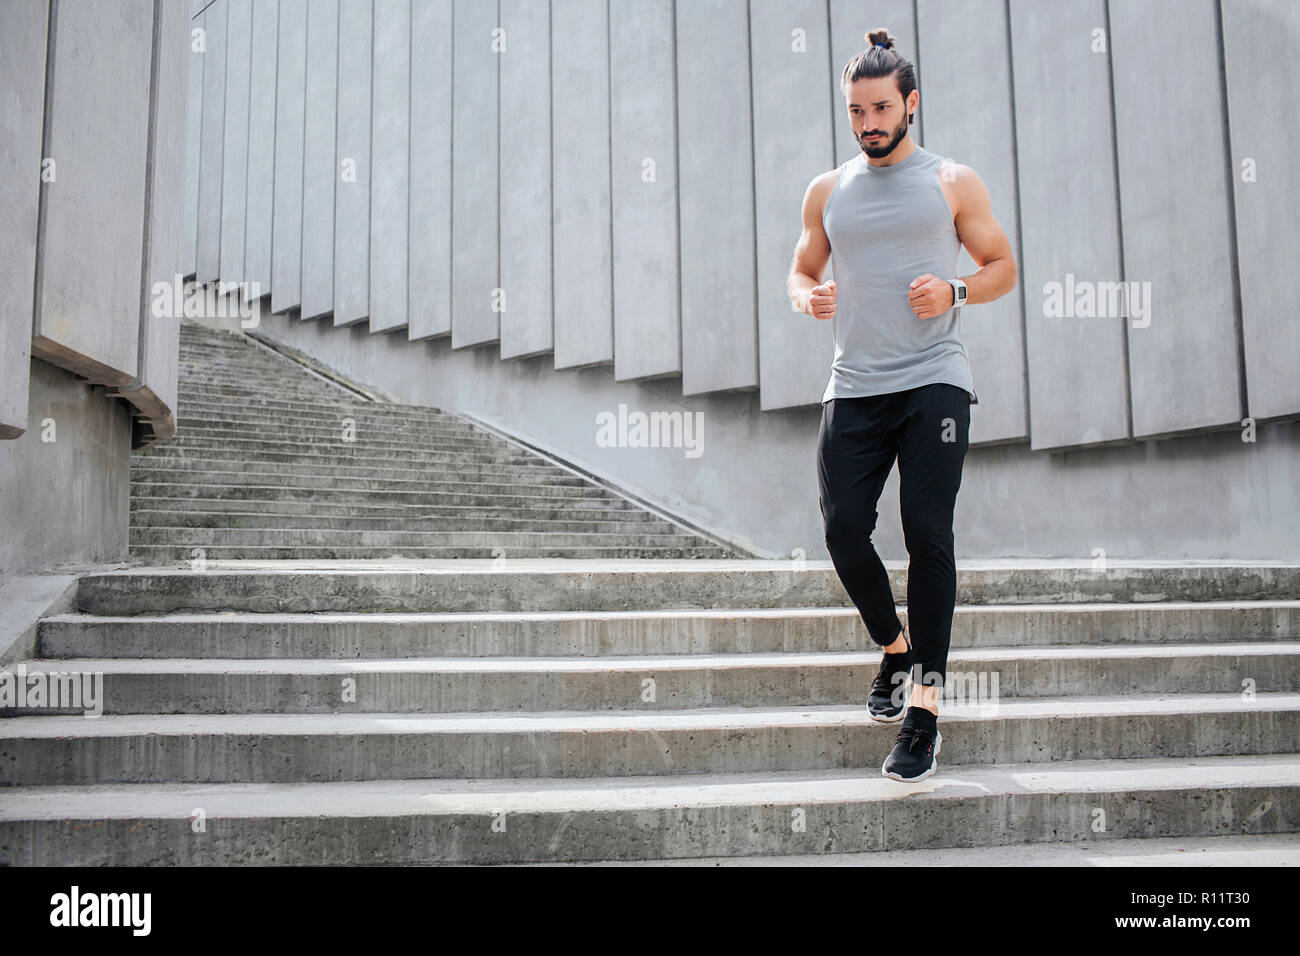 Giovane uomo jogging. Egli corre giù sui gradini. Muscoloso e ben costruito l uomo è grave e concentrata. Egli indossa uniformi sportive Immagini Stock